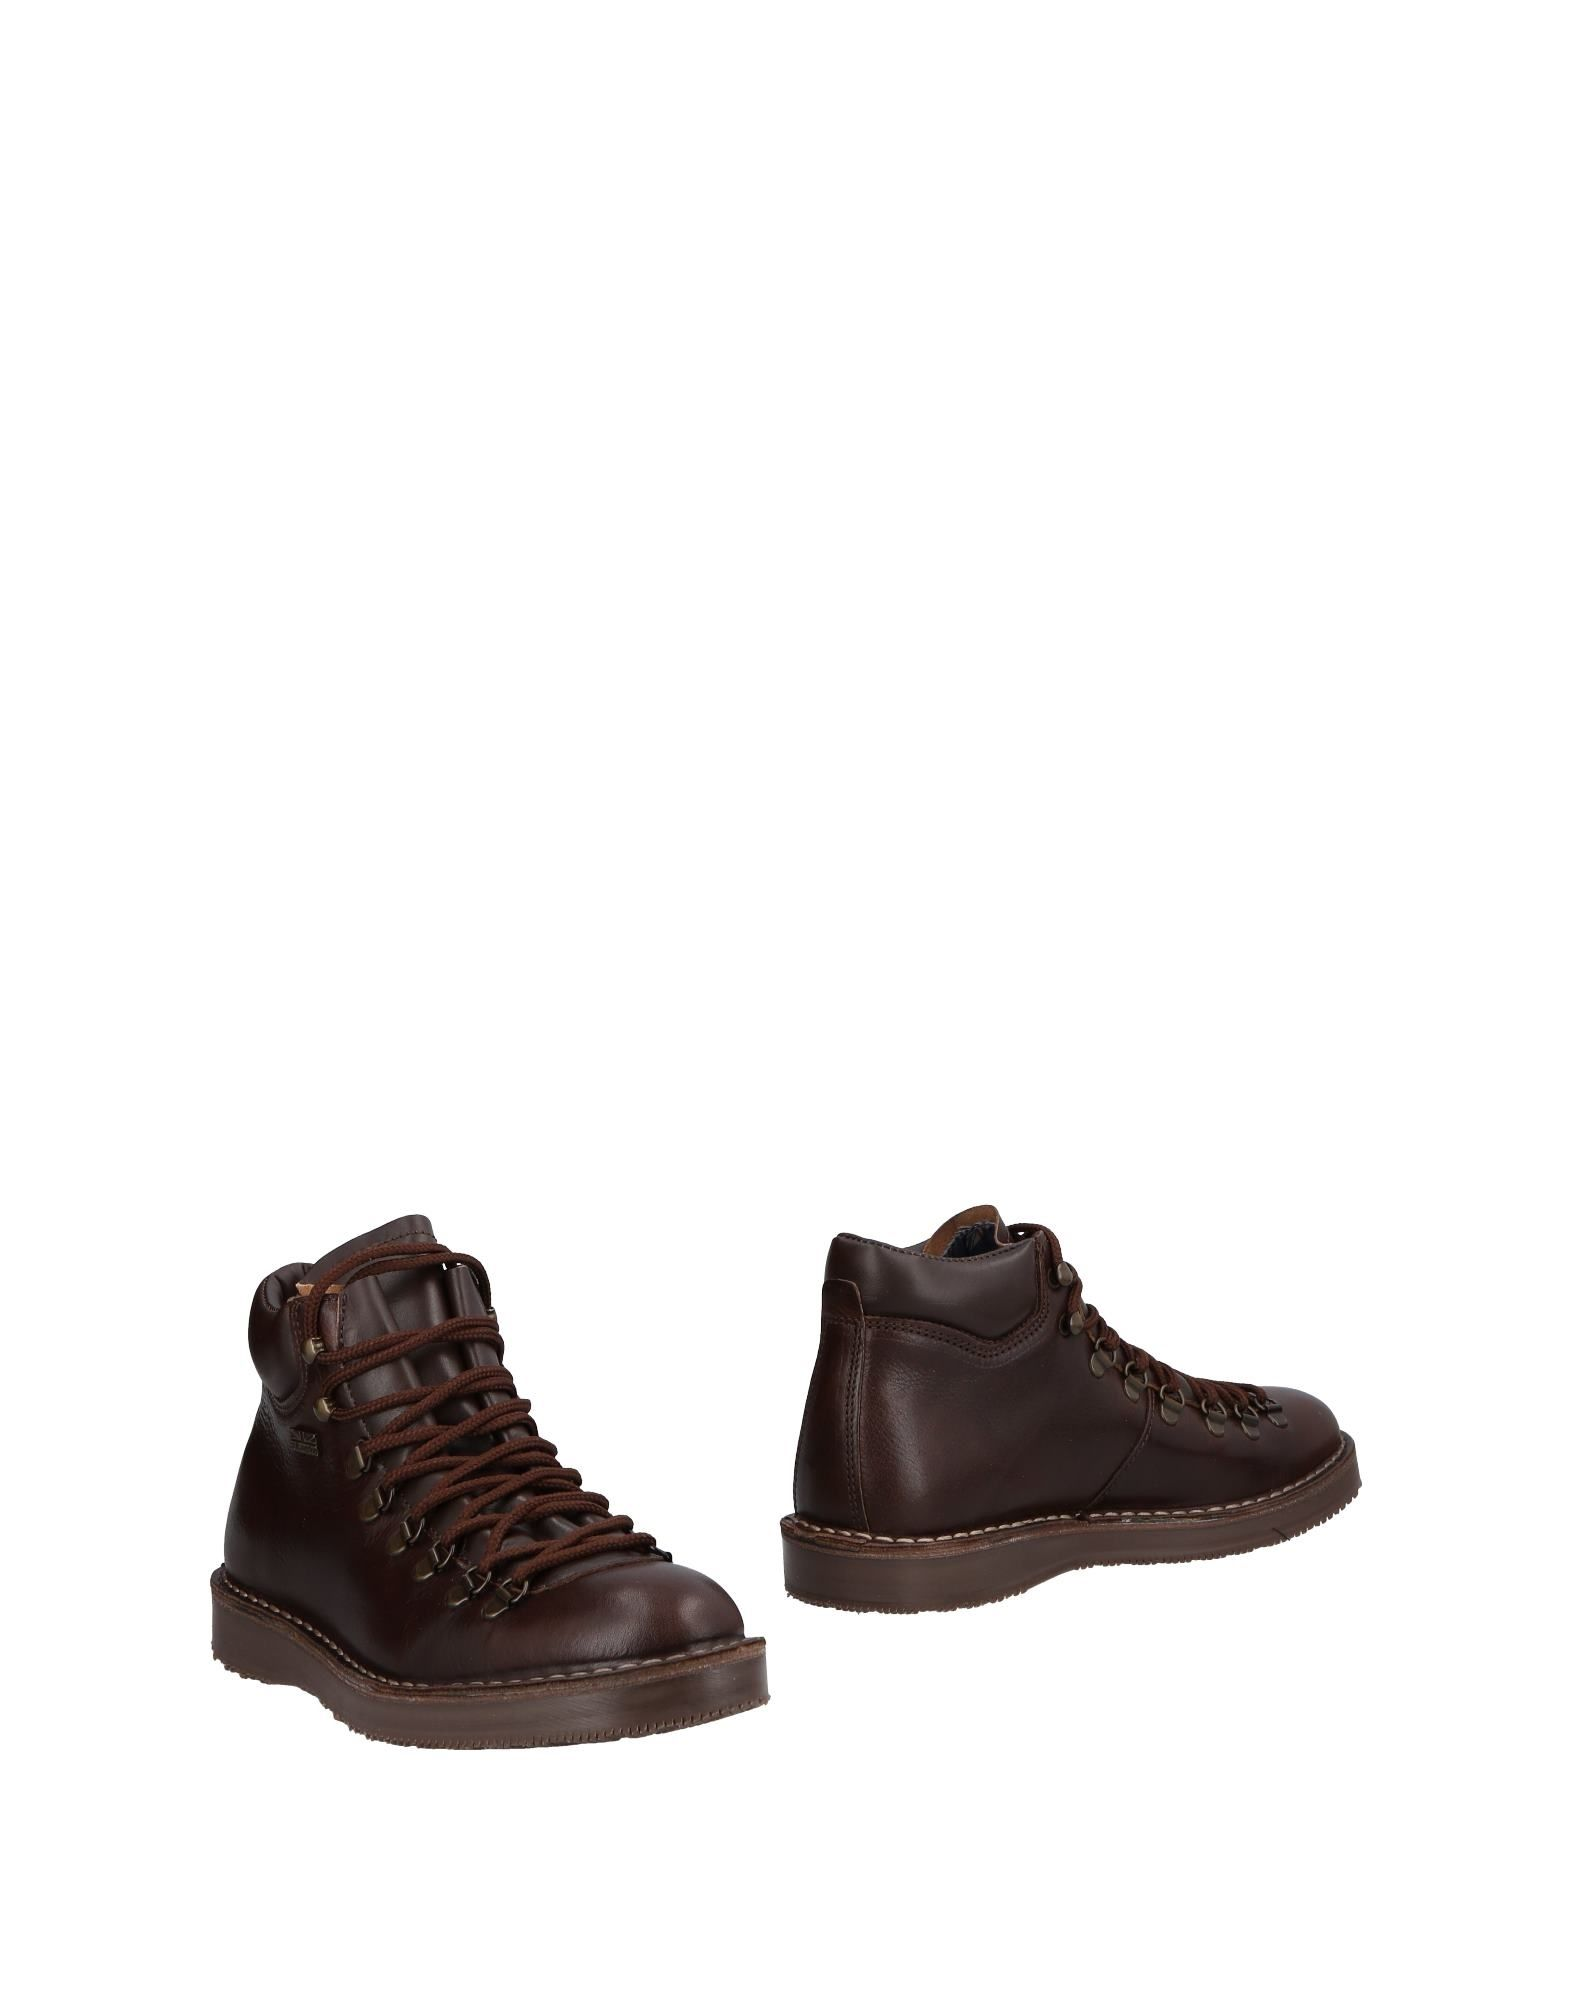 Rabatt echte  Schuhe Submarine Stiefelette Herren  echte 11491752DD 3d0e59